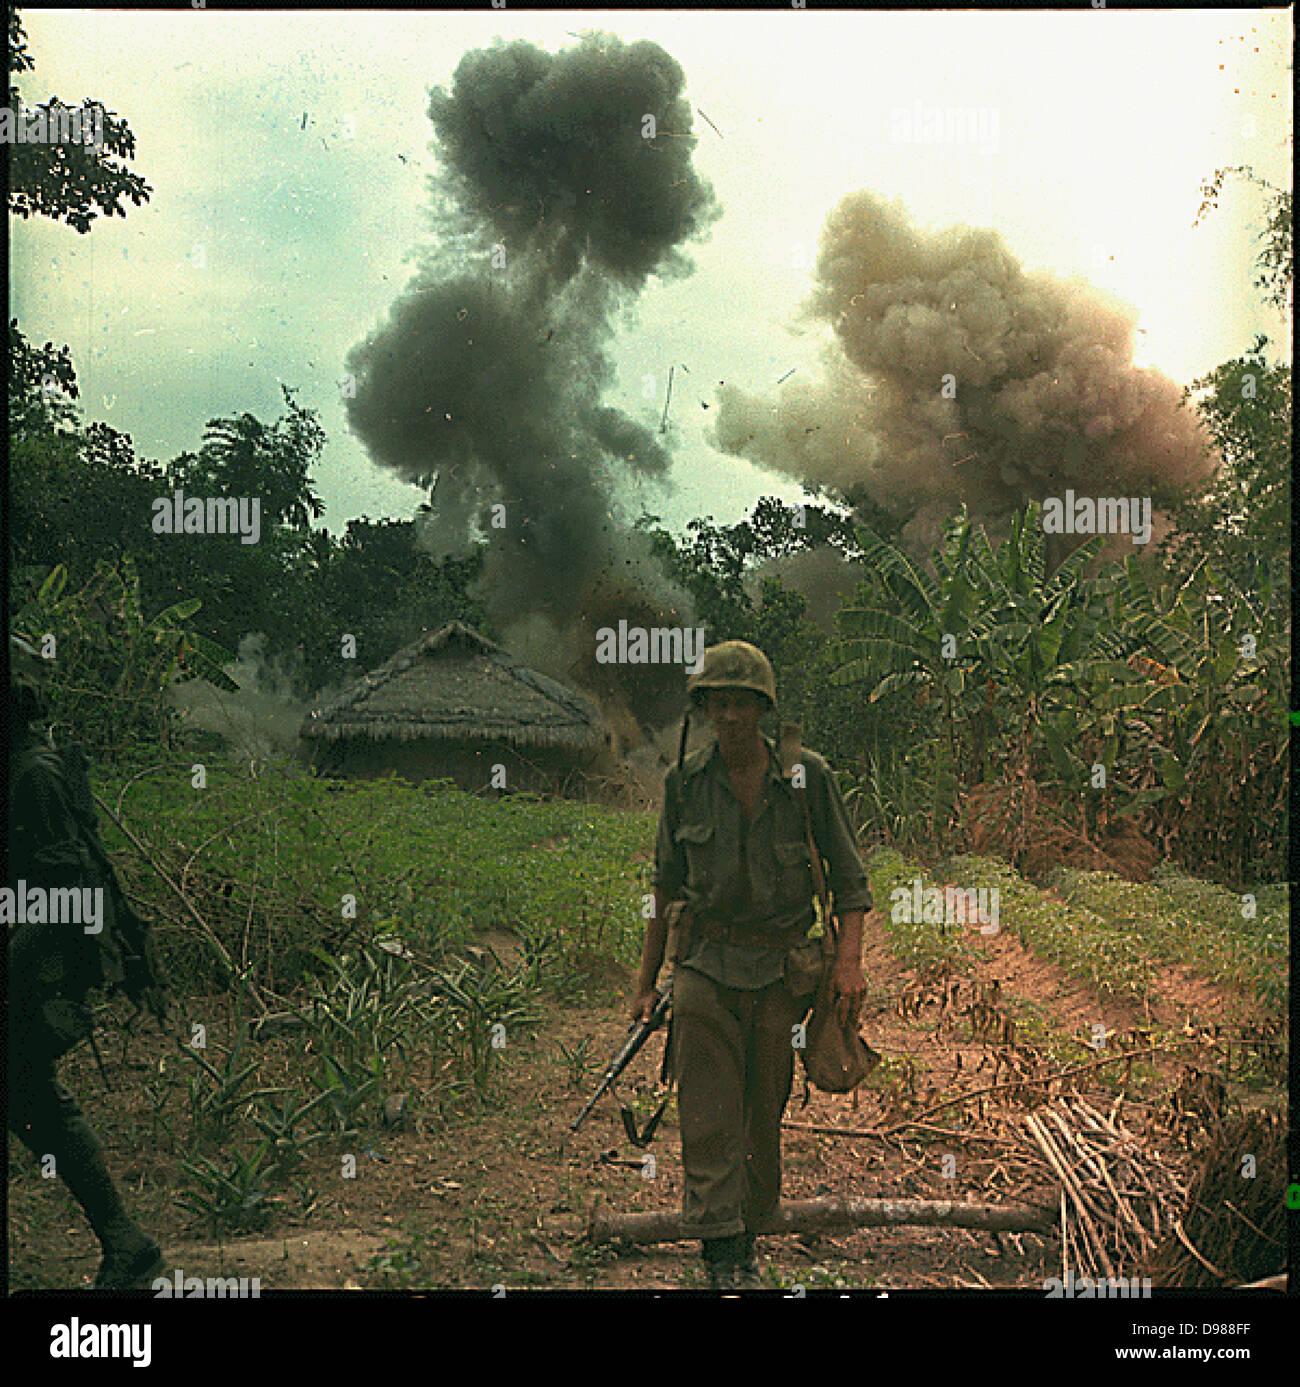 Betrieb-Georgien: US-Marines sprengen, Bunker und Tunnel von den Vietcong, 5. Mai 1966 verwendet. NARA-Foto. Stockfoto